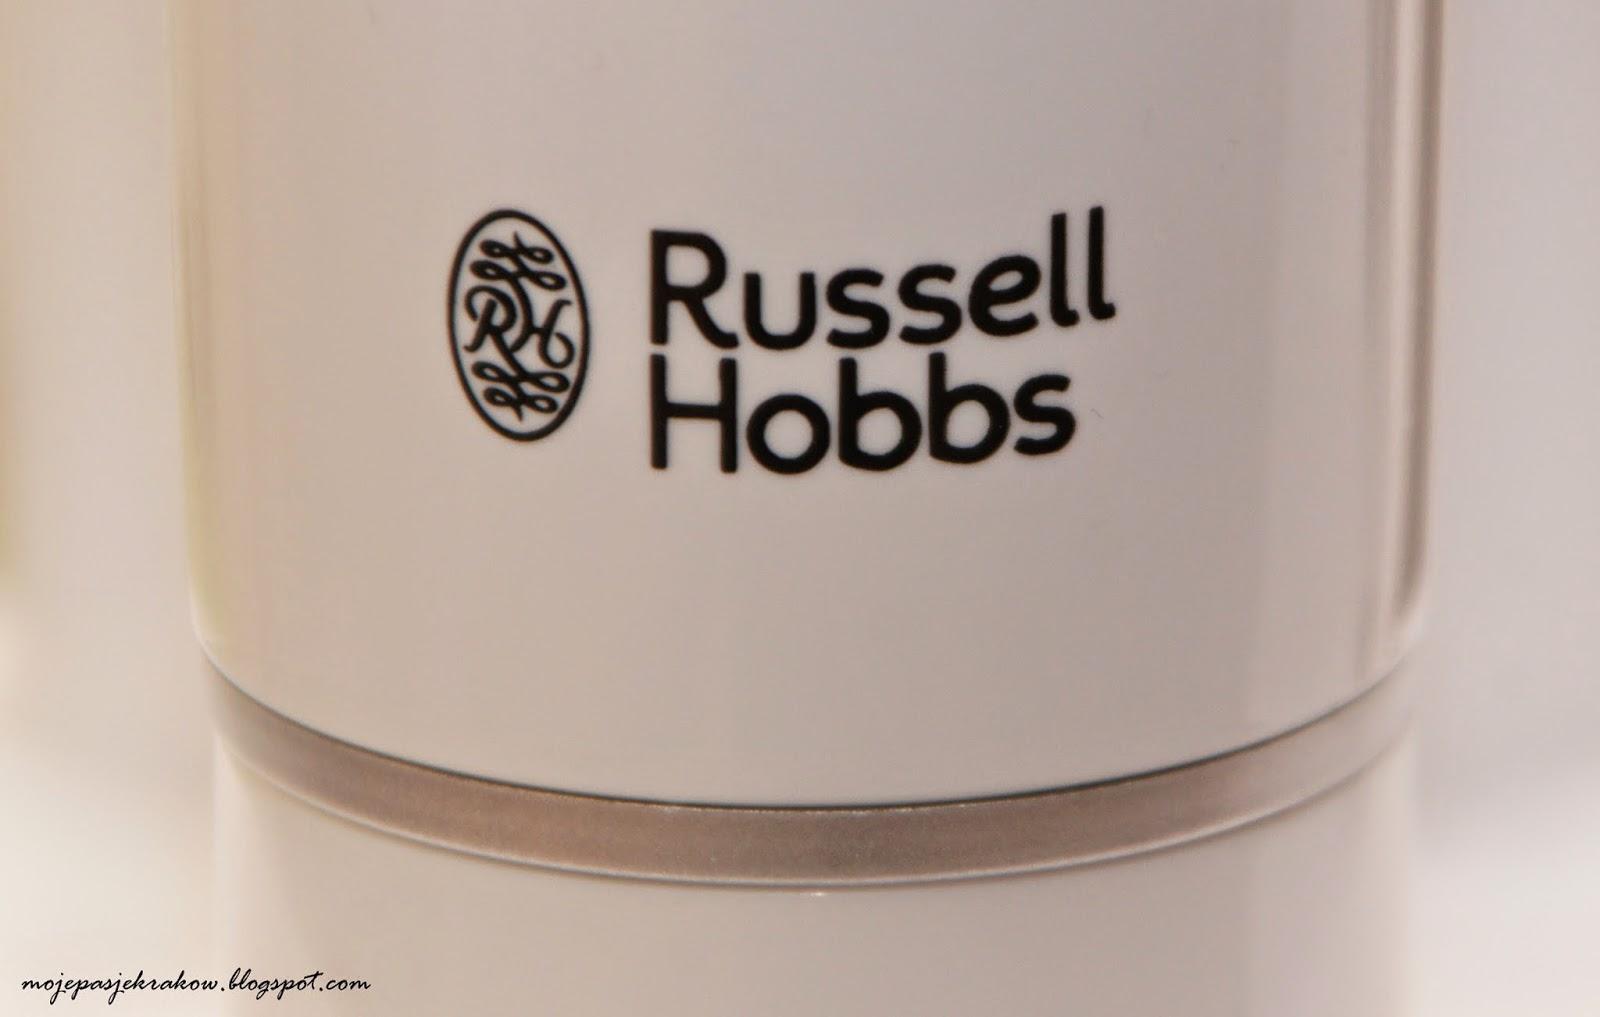 http://pl.russellhobbs.com/russell-hobbs-collections/aura/